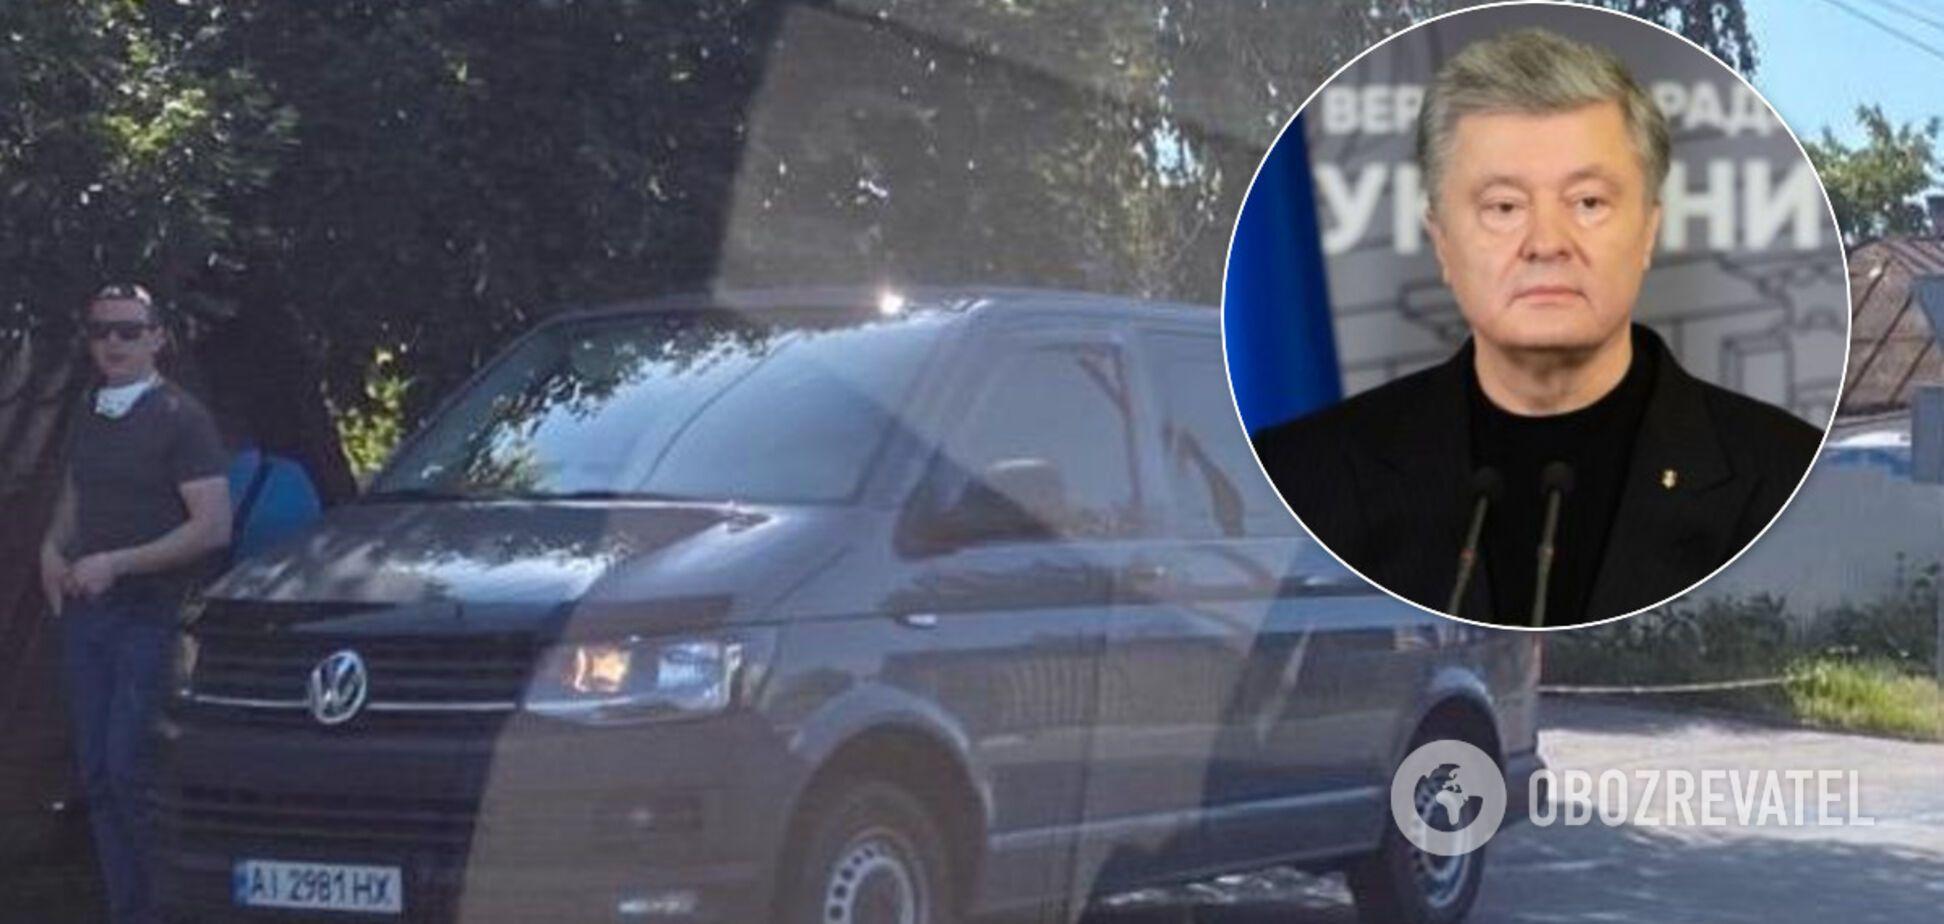 У Порошенка заявили про незаконне стеження й зажадали пояснень від влади